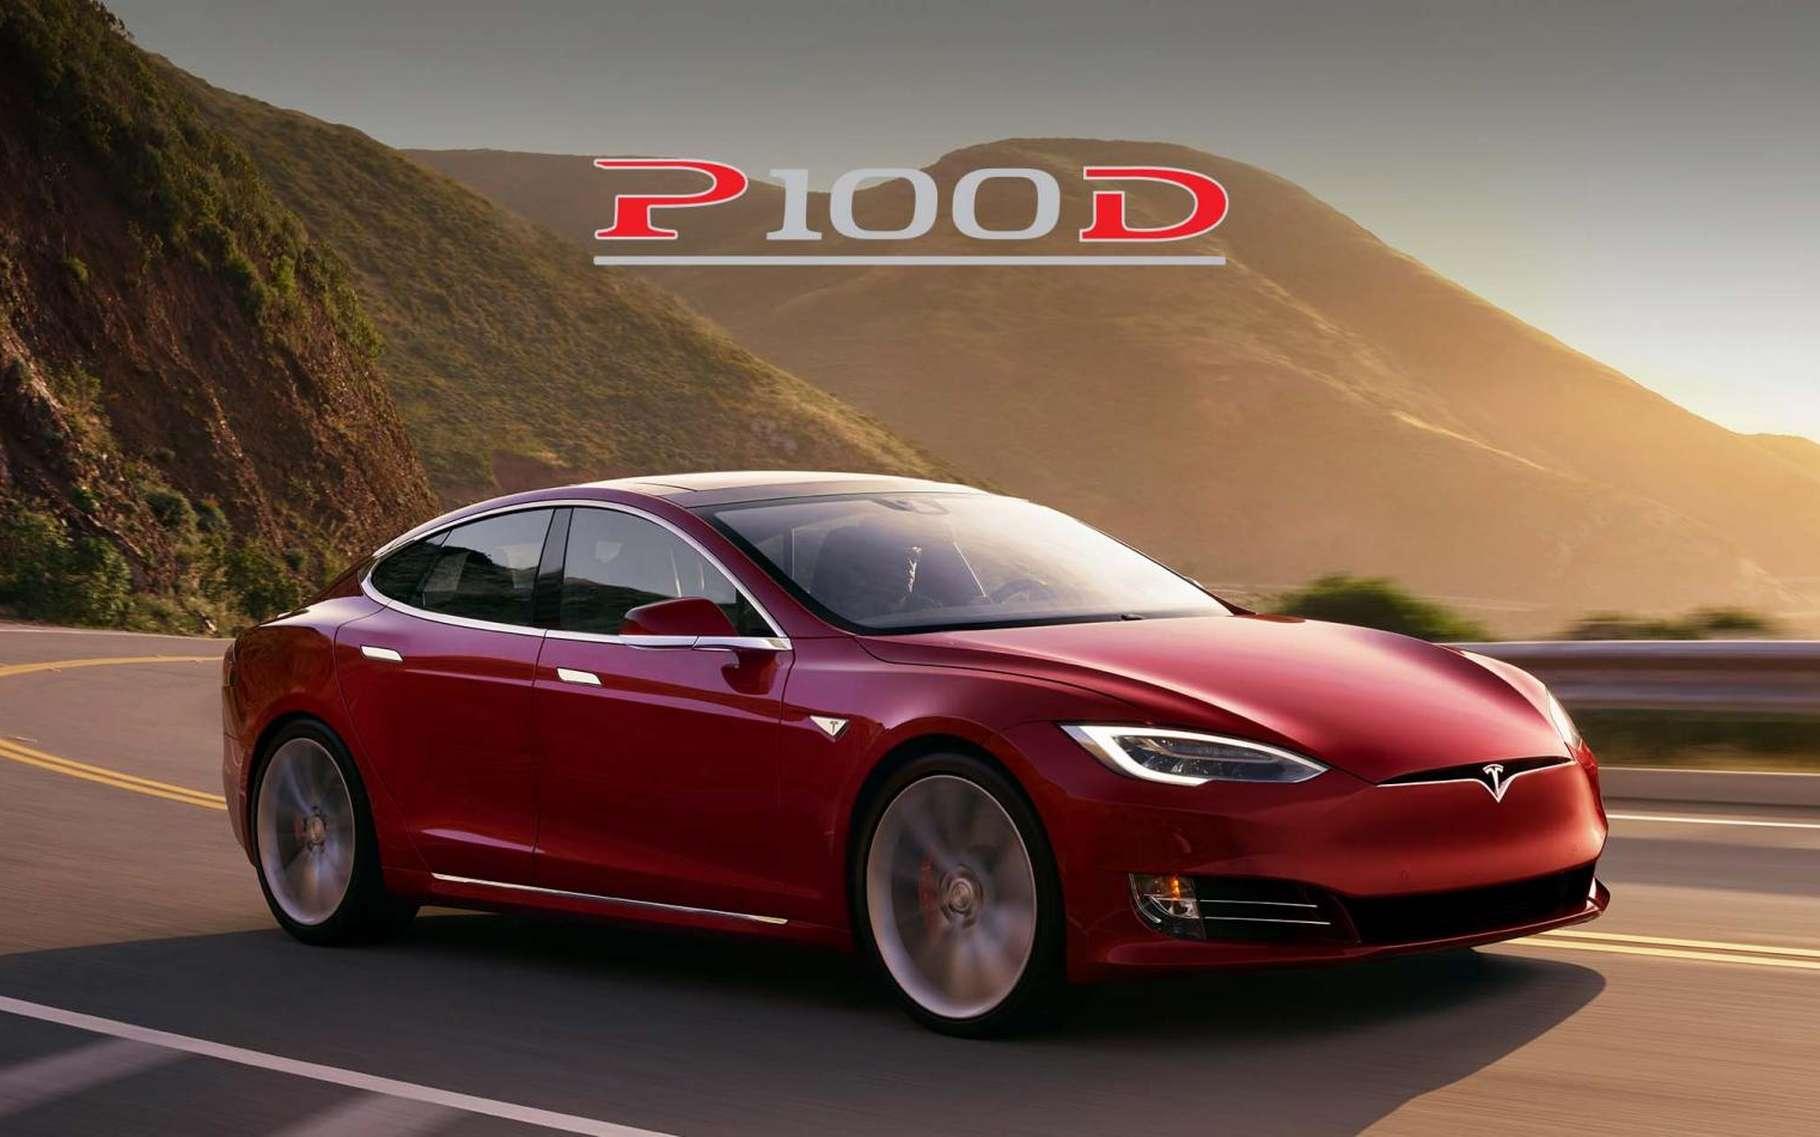 L'une des forces de Tesla est sa capacité à pouvoir faire progresser les performances et l'autonomie de ses voitures électriques par l'intermédiaire de mises à jour logicielles ou, comme ici, en proposant des pack batteries plus performants. © Tesla Motors